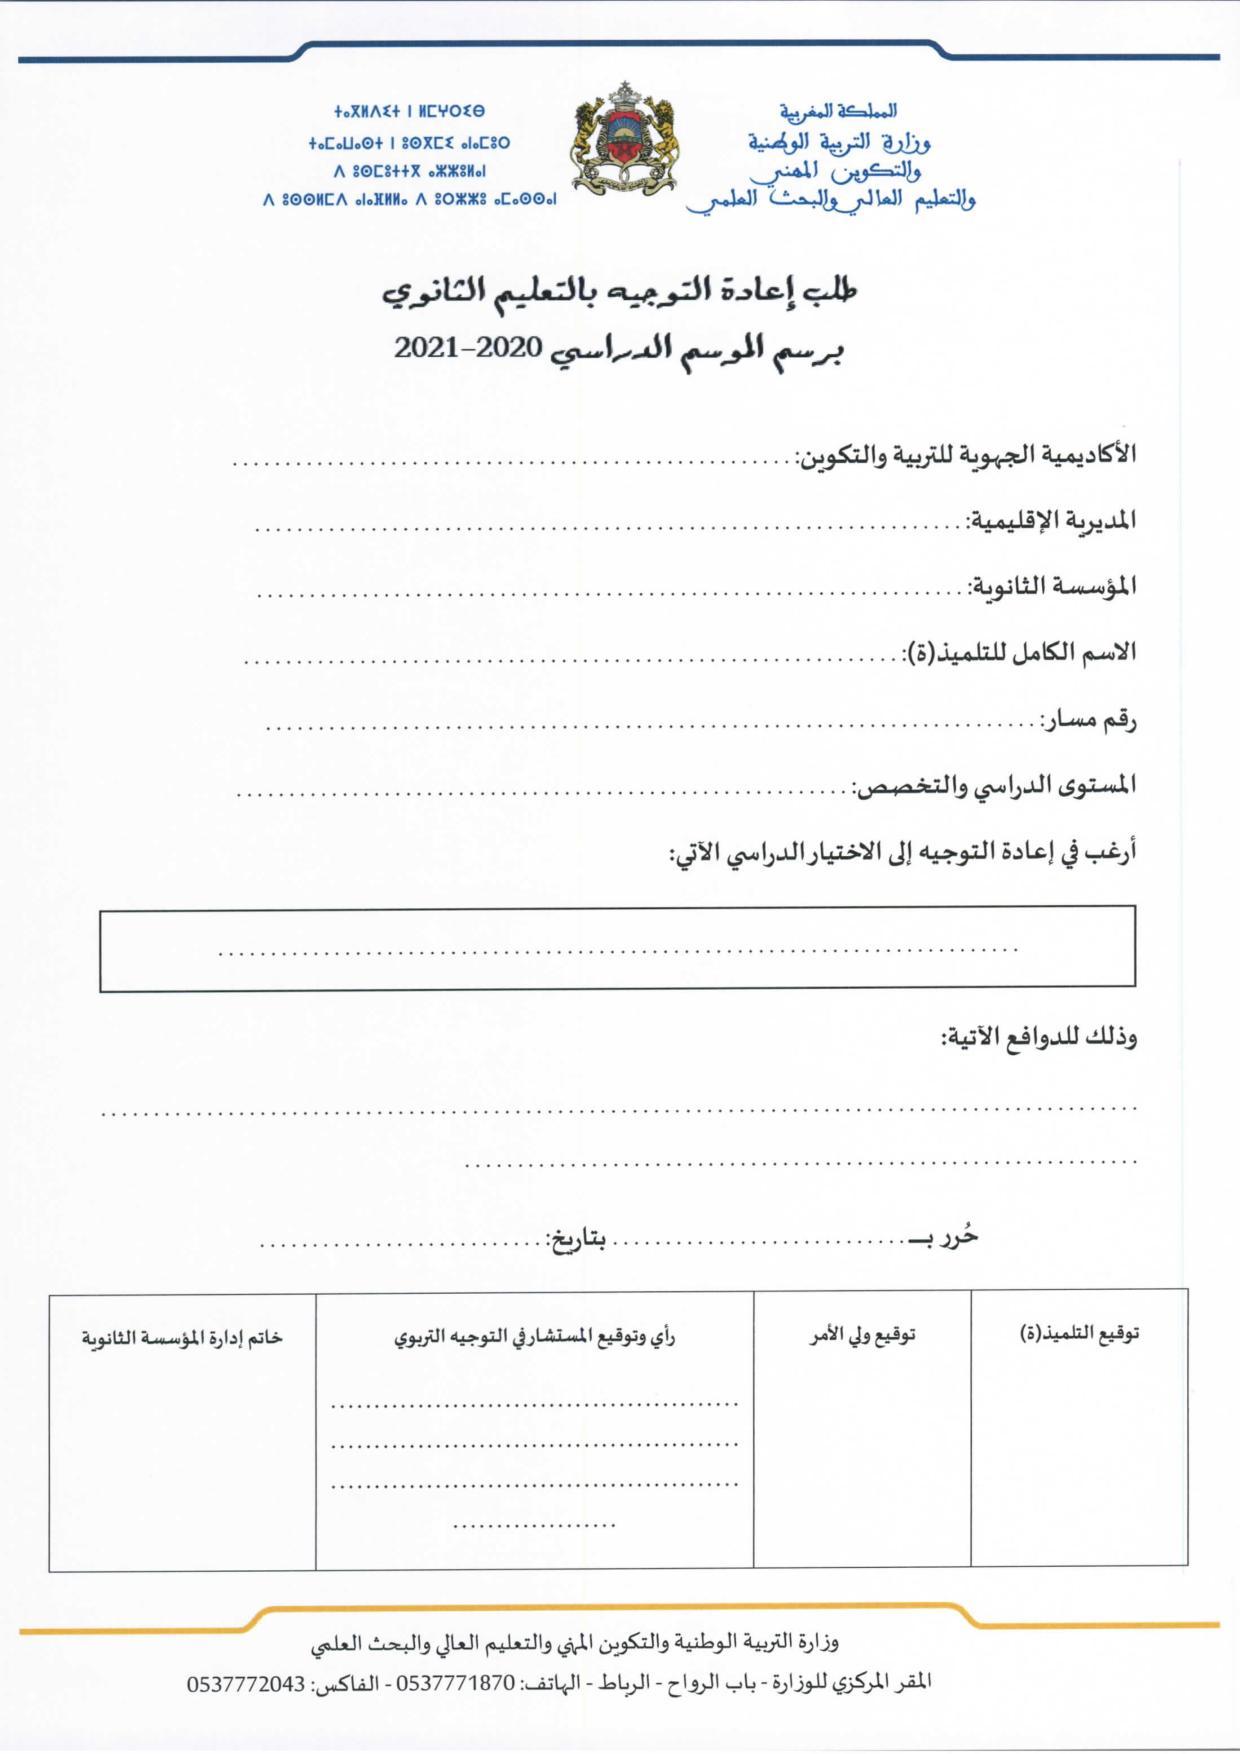 مذكرة رقم 20-044: التدبير الاستثنائي لمسطرة اعادة التوجيه بالتعليم الثانوي برسم الدخول التربوي 2020-2021